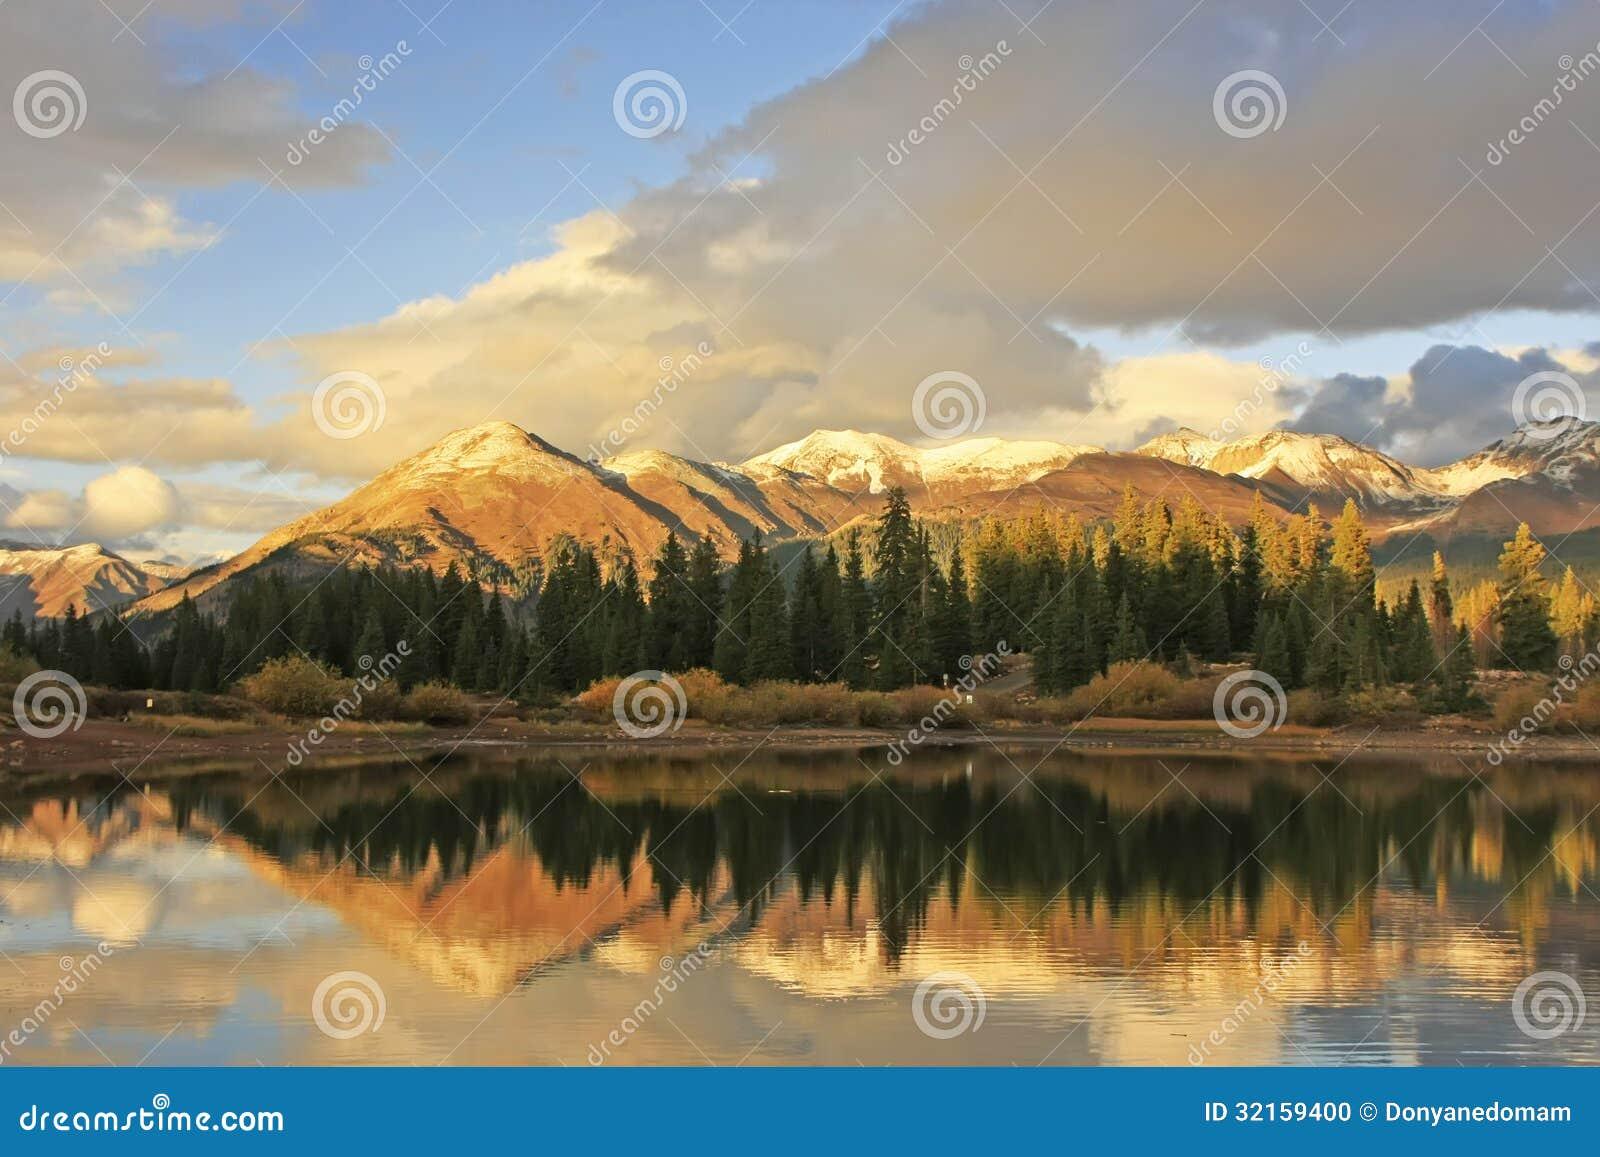 Molas See und Nadelberge, Weminuche-Wildnis, Colorado